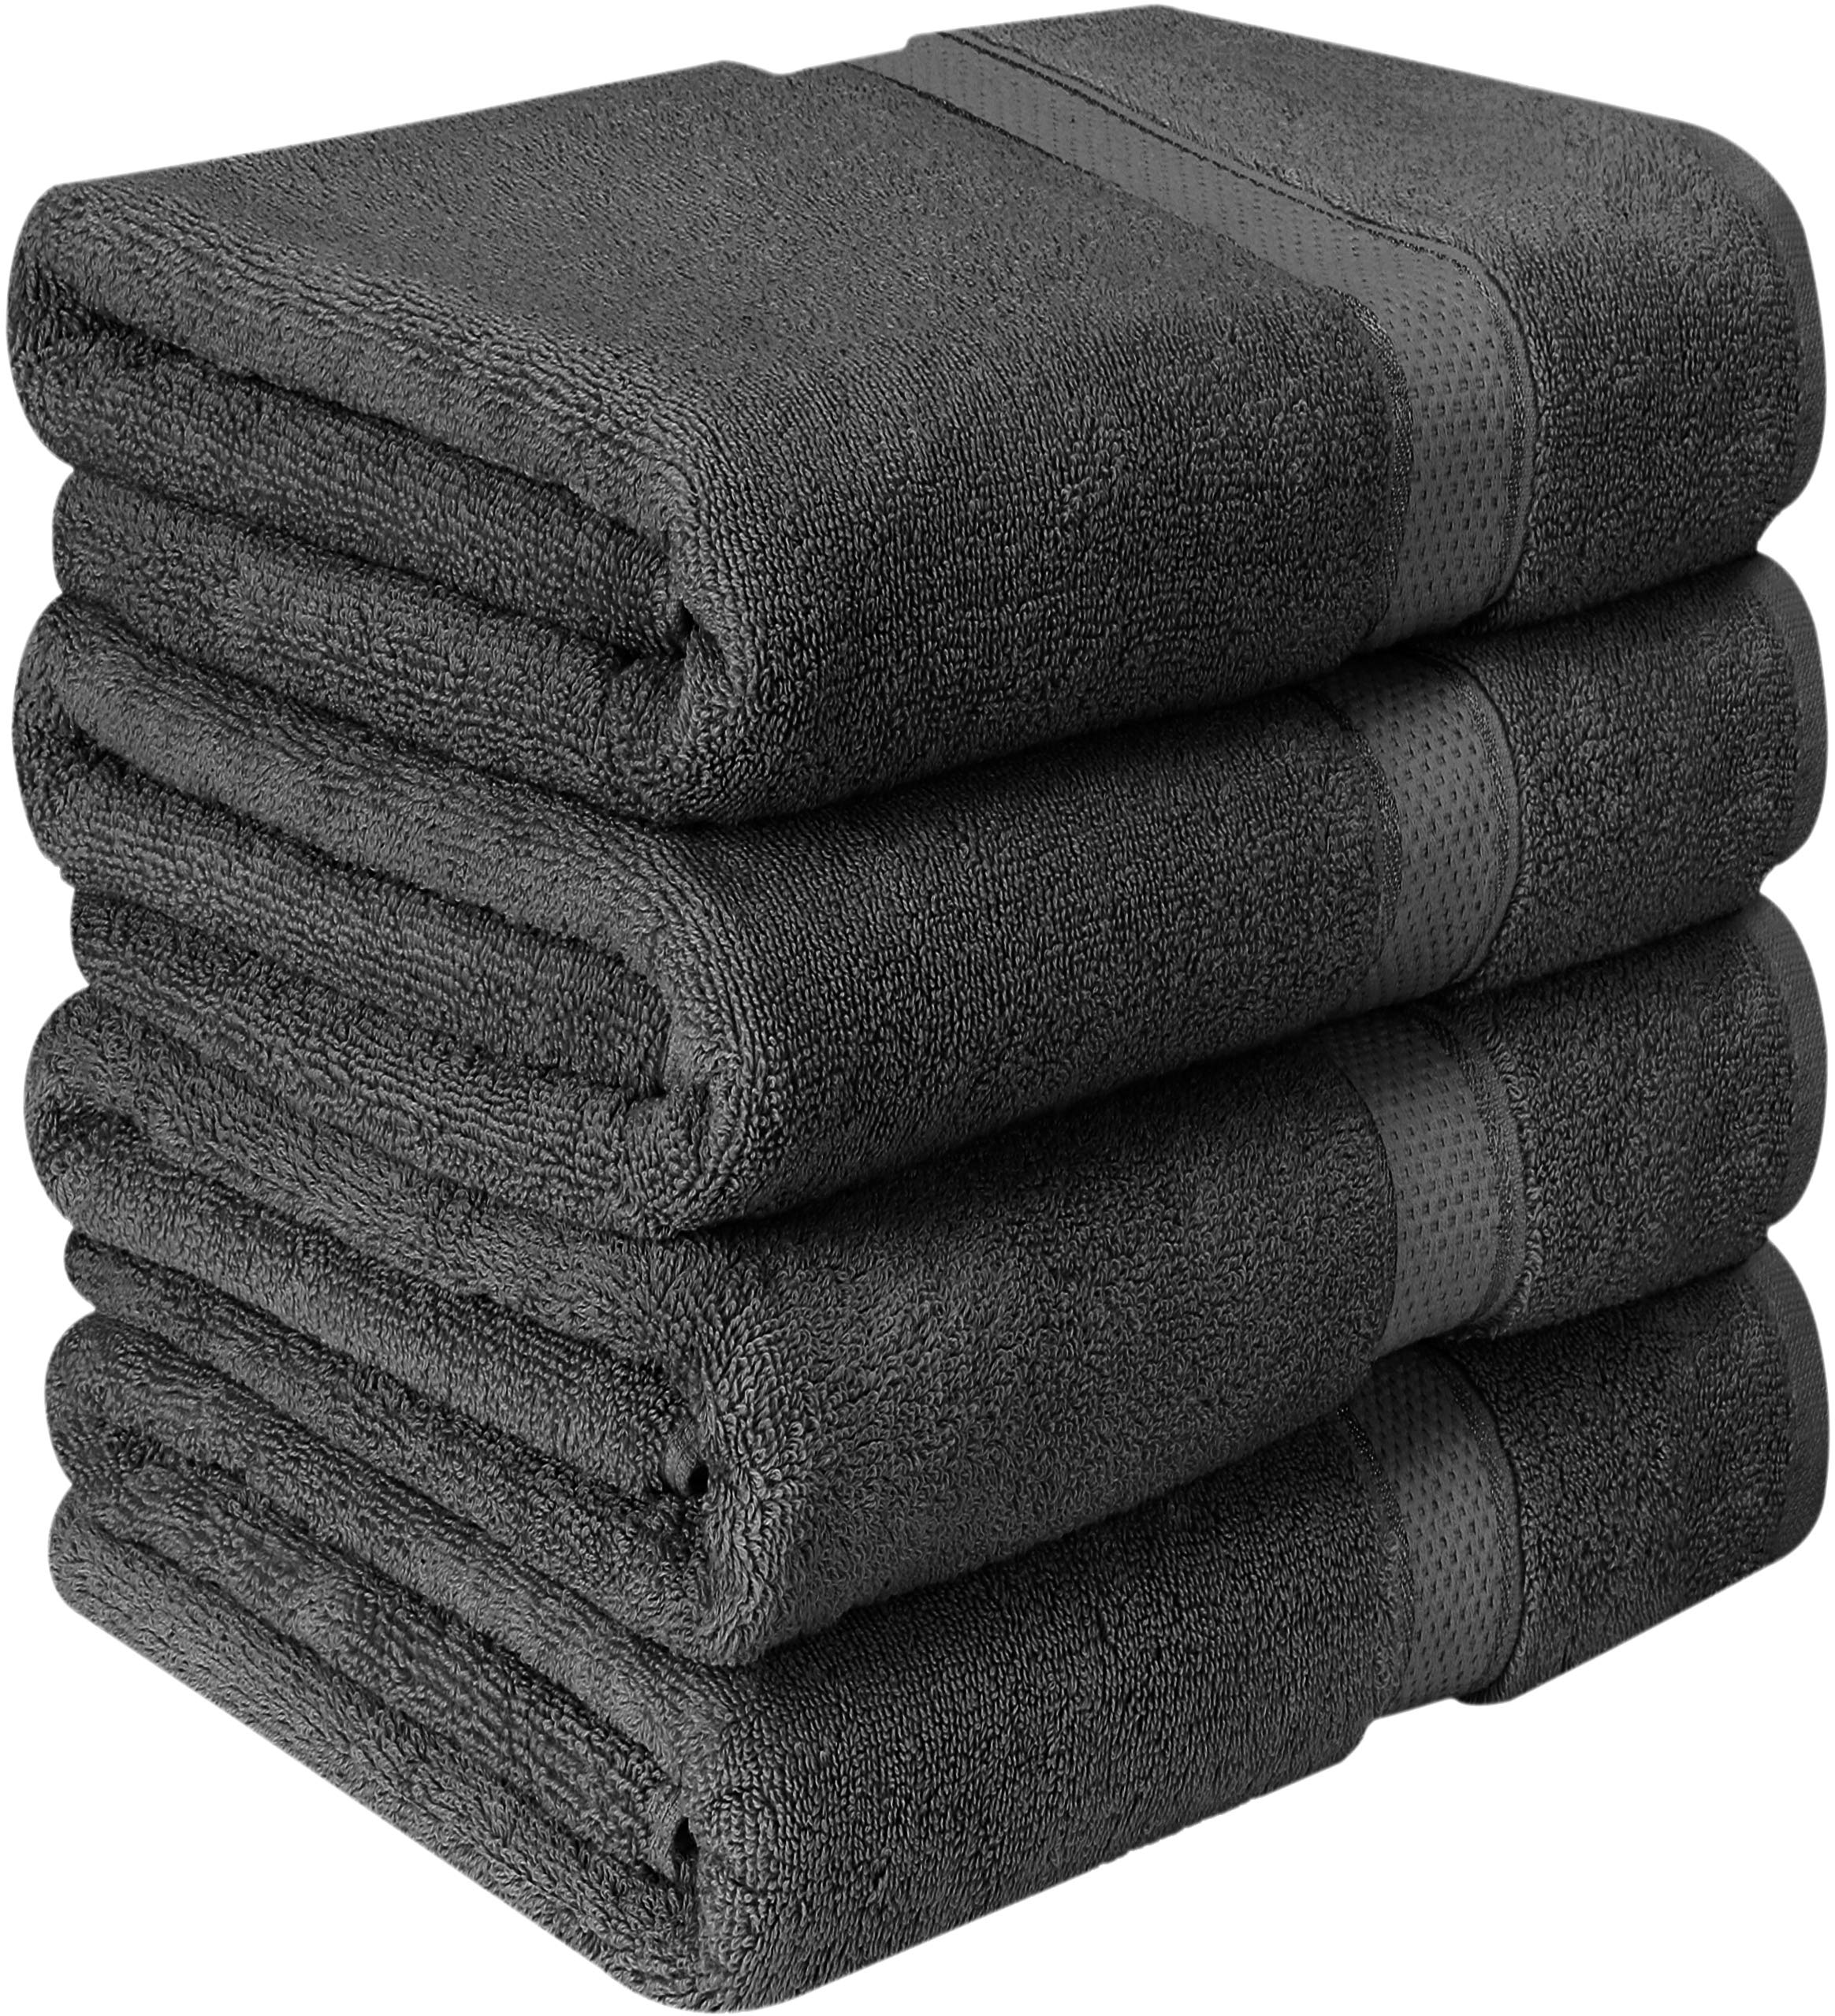 Utopia Towels - conjunto de toallas de baño (Paquete de 4, 69 x 137